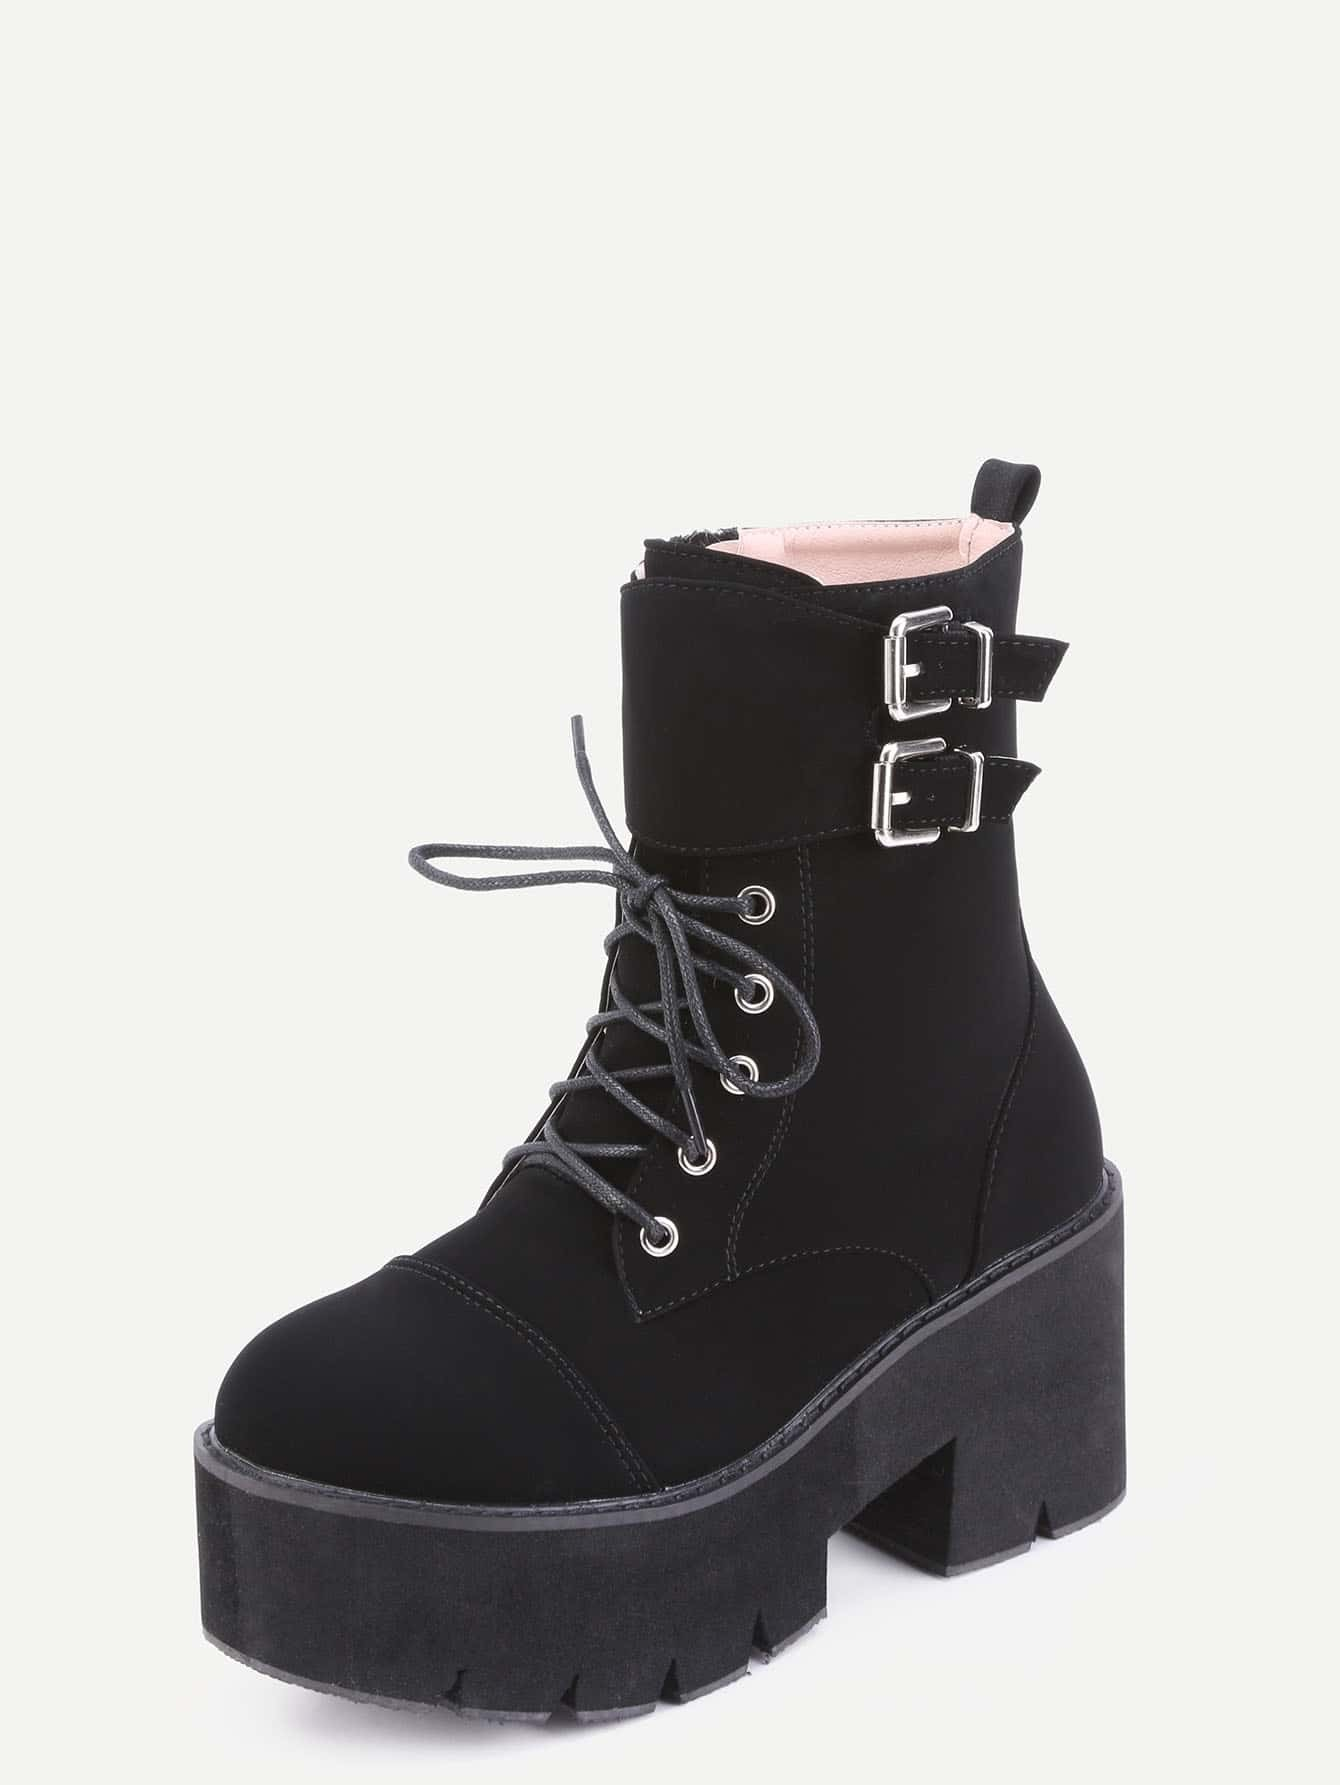 shoes160927809_2